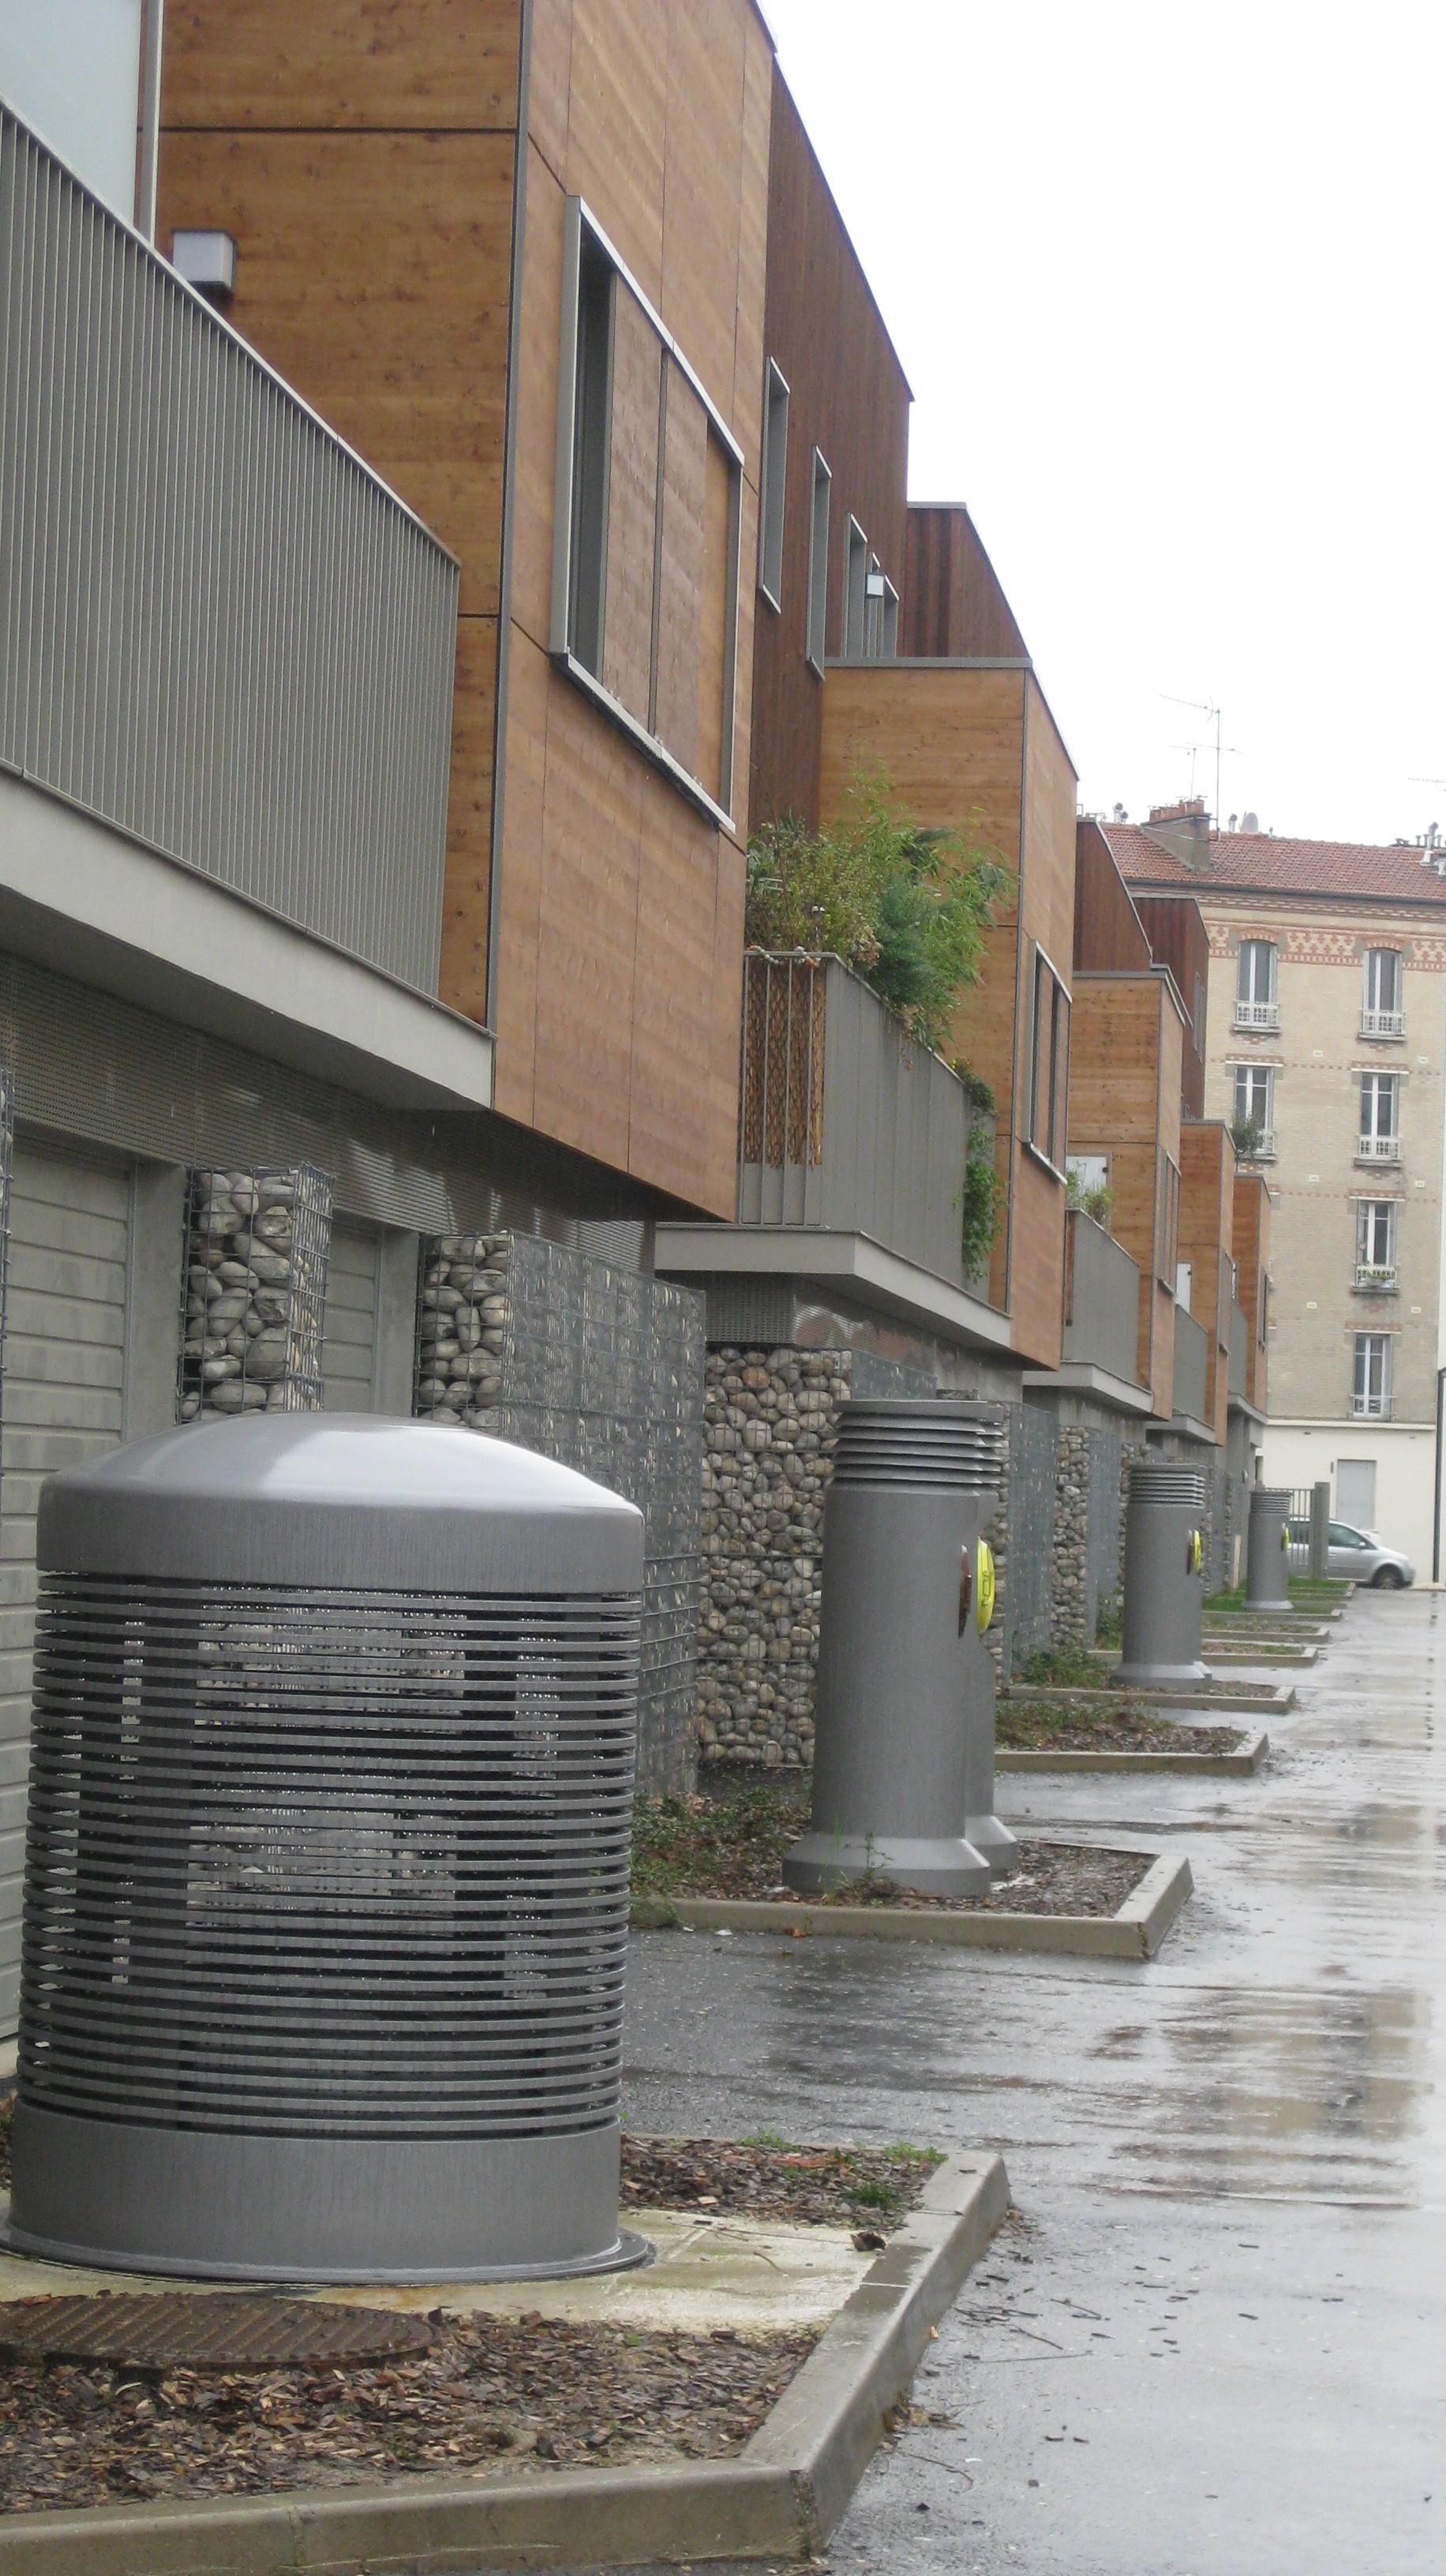 Romainville premi re ville d le de france mettre en for Piscine exterieur 93